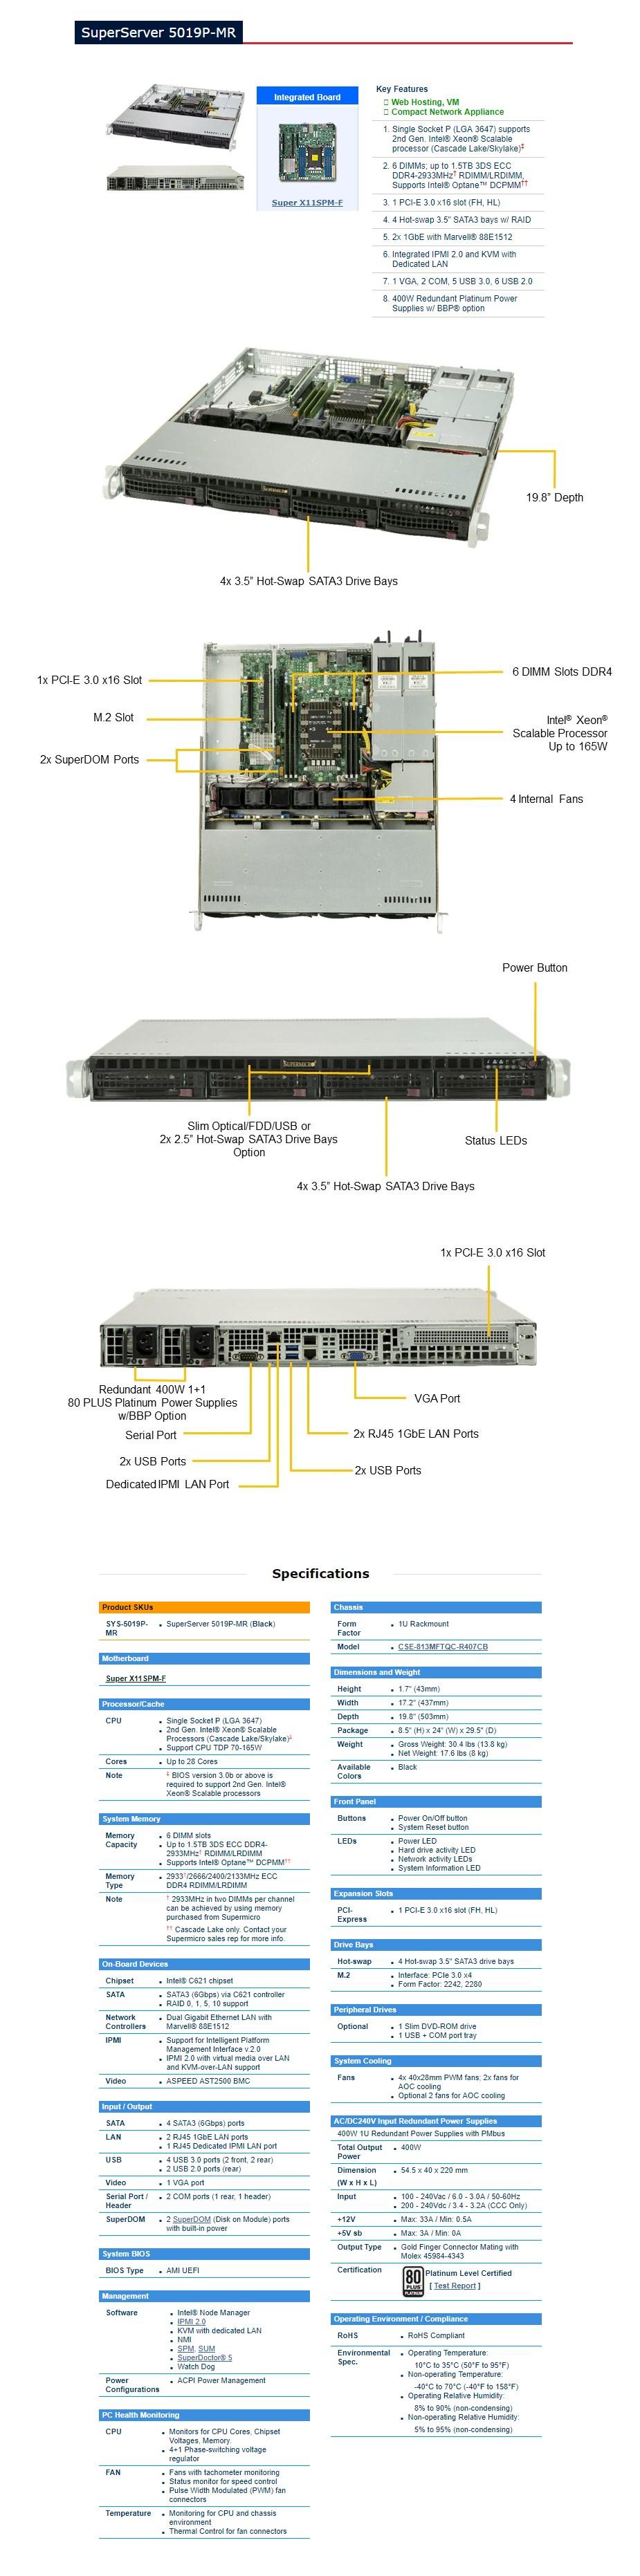 Supermicro SuperServer 5019P-MR Barebone 1U CPU (0/1) RAM (0/6) HDD (0/4) - Overview 1